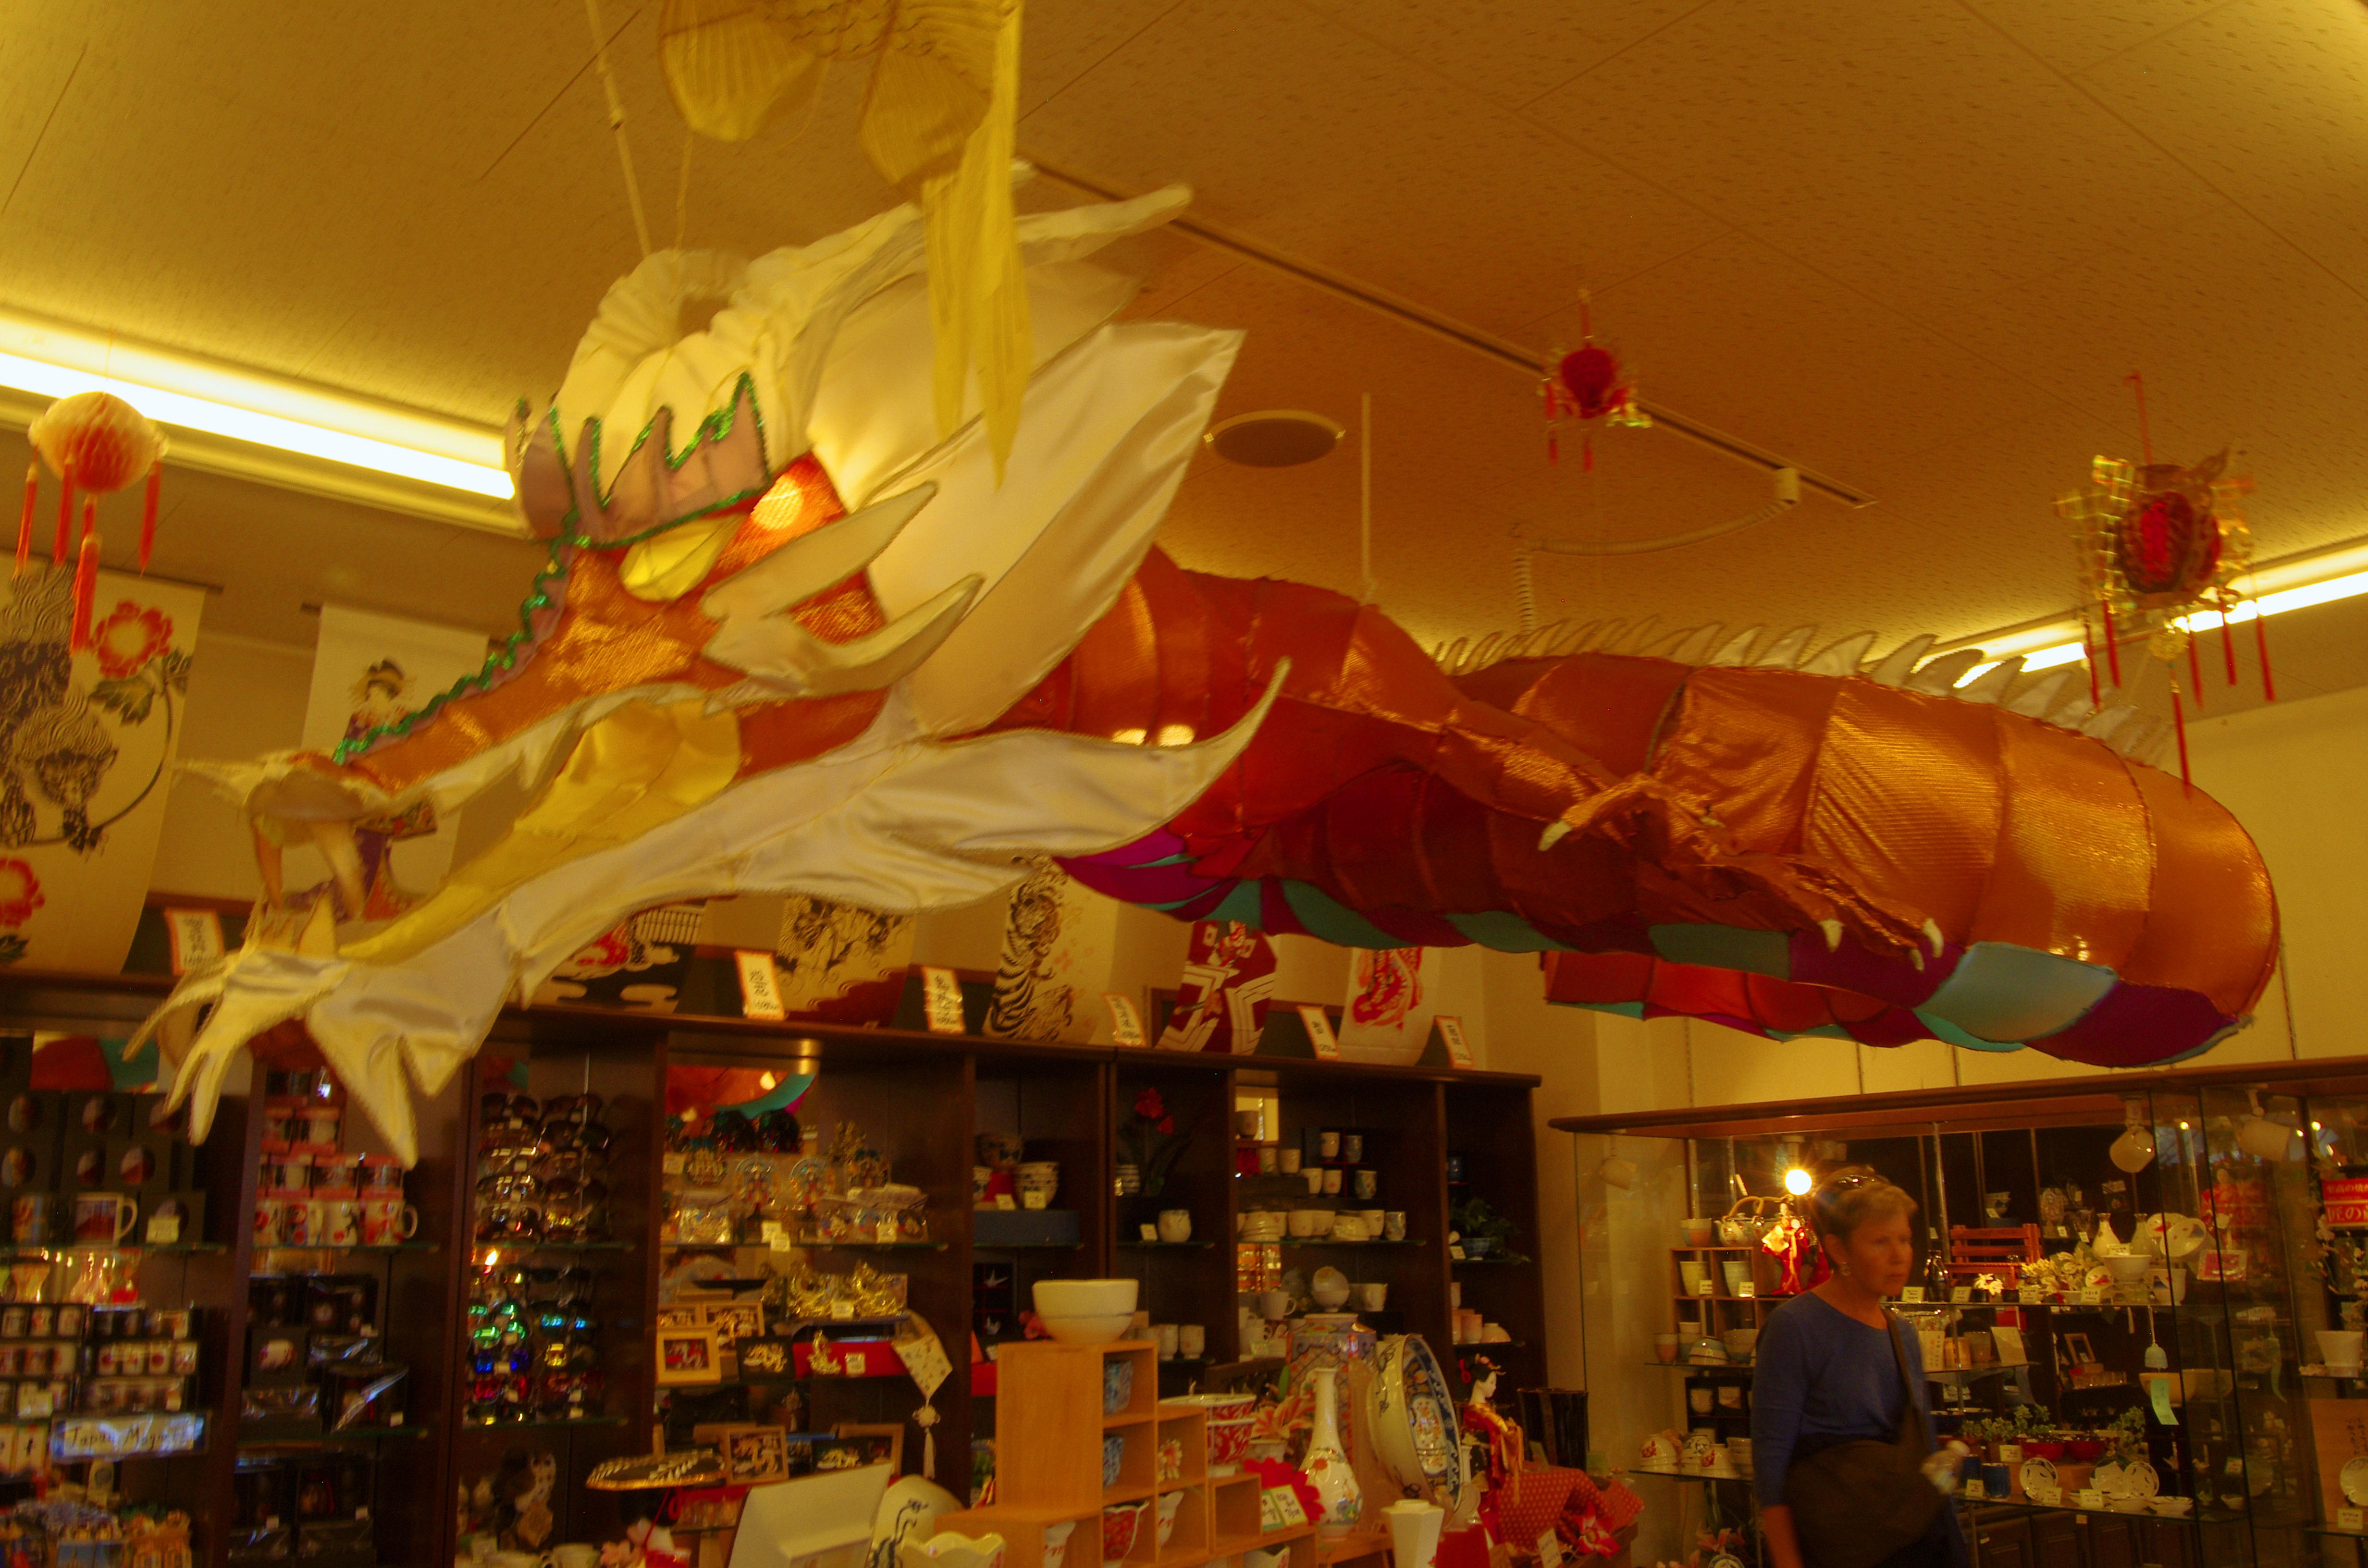 Lampen & Schirme Schöne Chinesische Hand Geschnitzte Blume Design Celadon Porzellan Keramik Tisch Lampen Für Schlafzimmer GüNstigster Preis Von Unserer Website Tischlampen